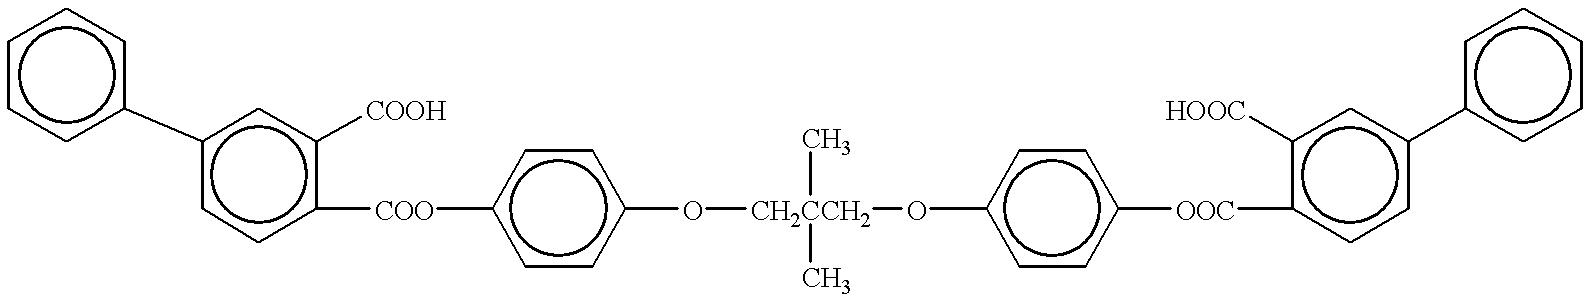 Figure US06180560-20010130-C00377